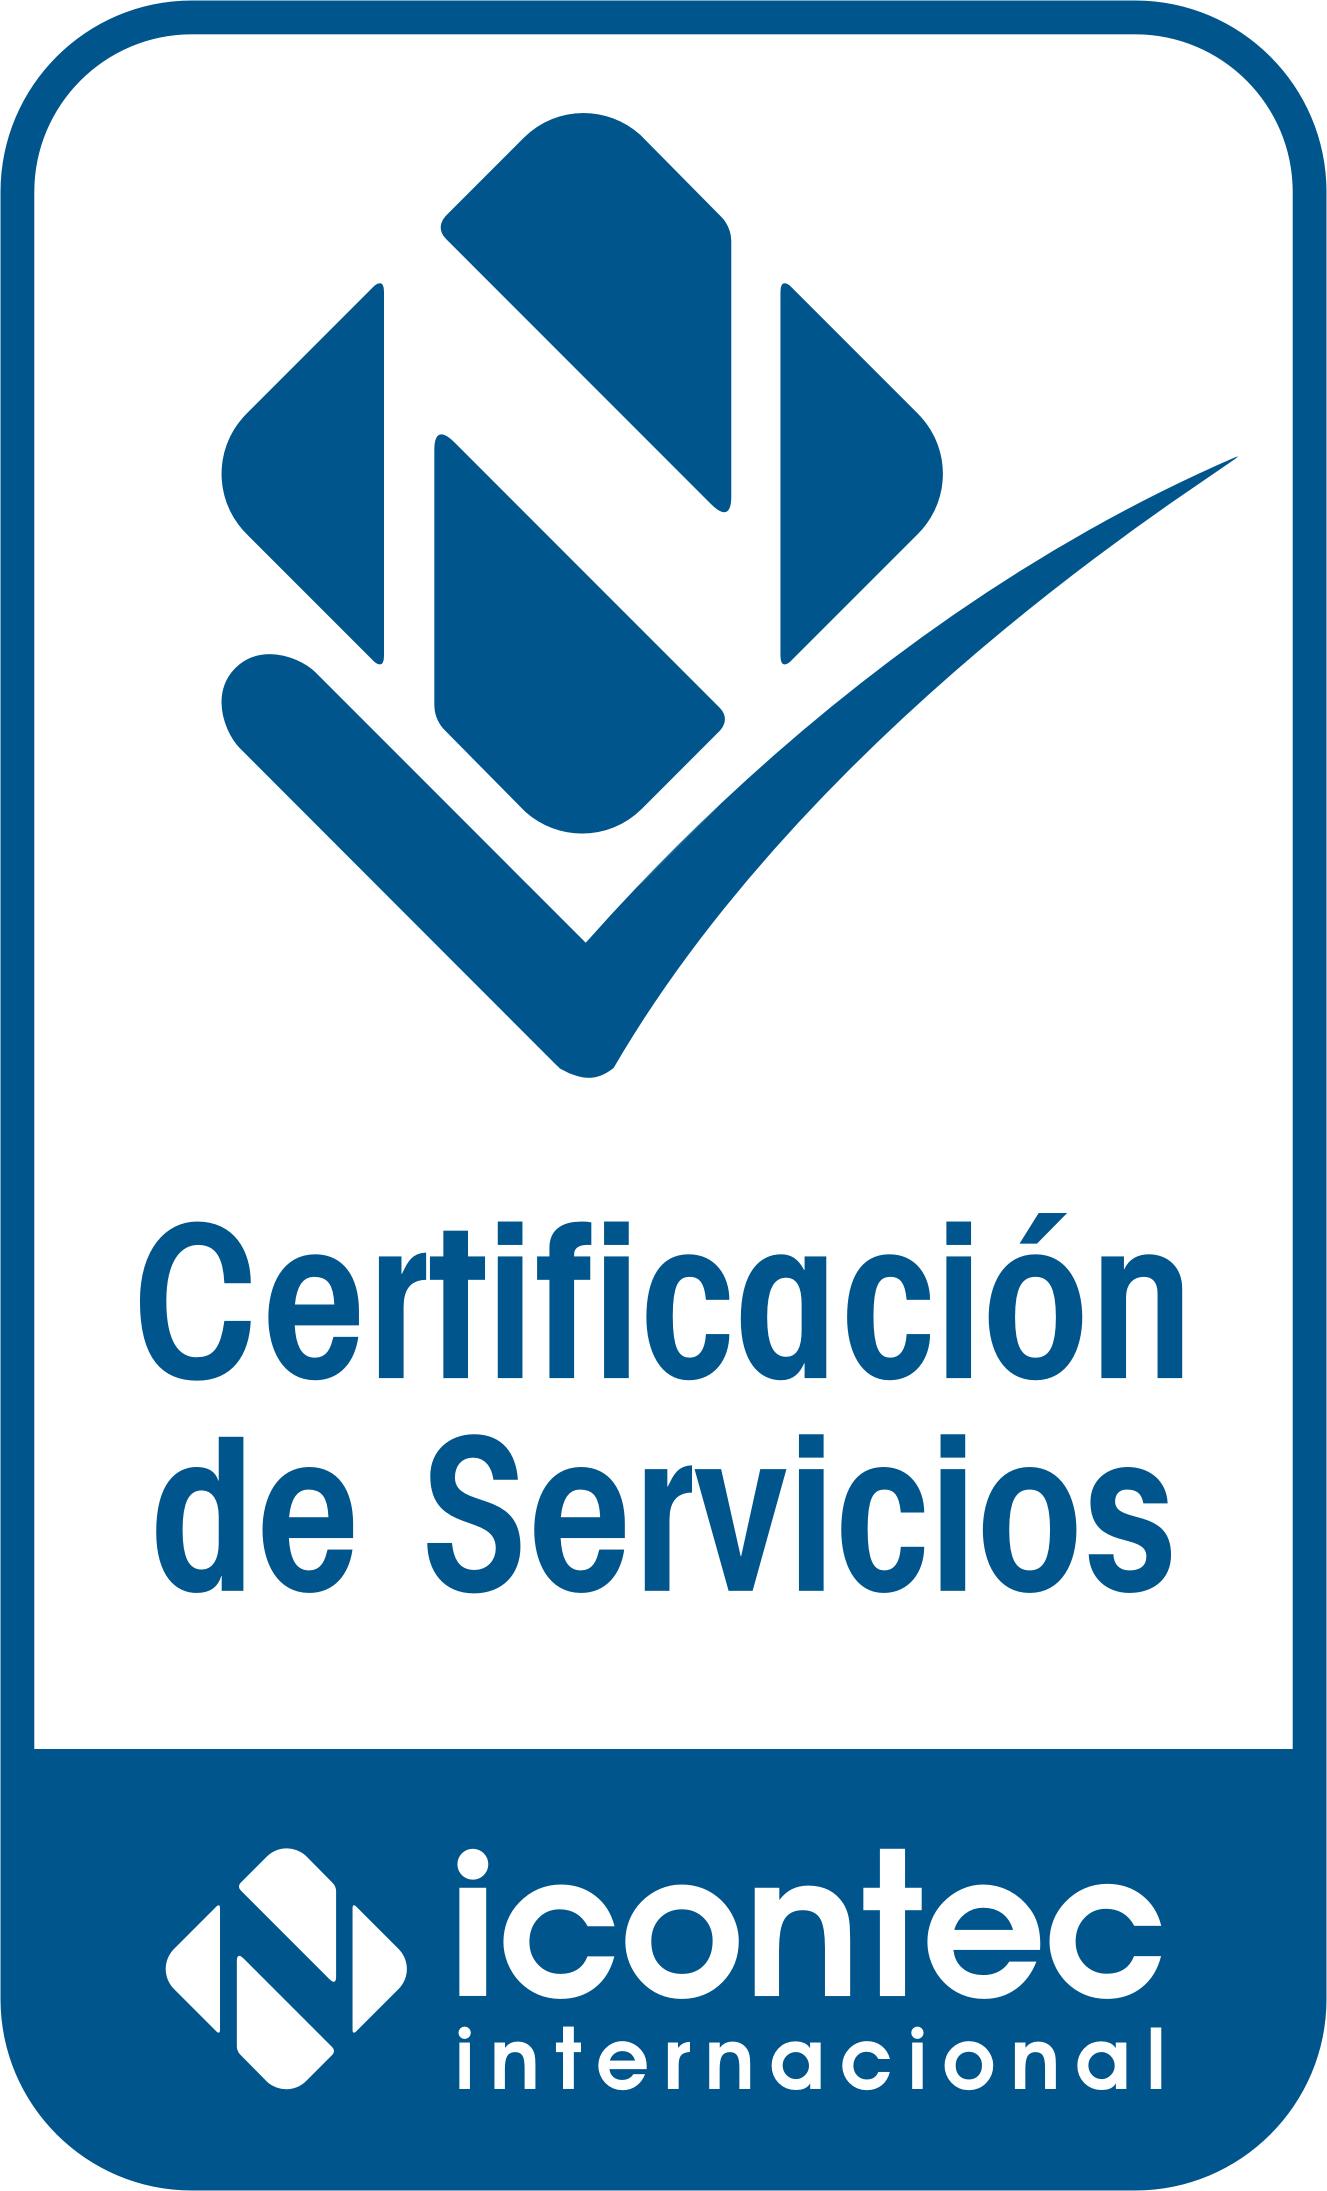 Logo Certificacion Servicios